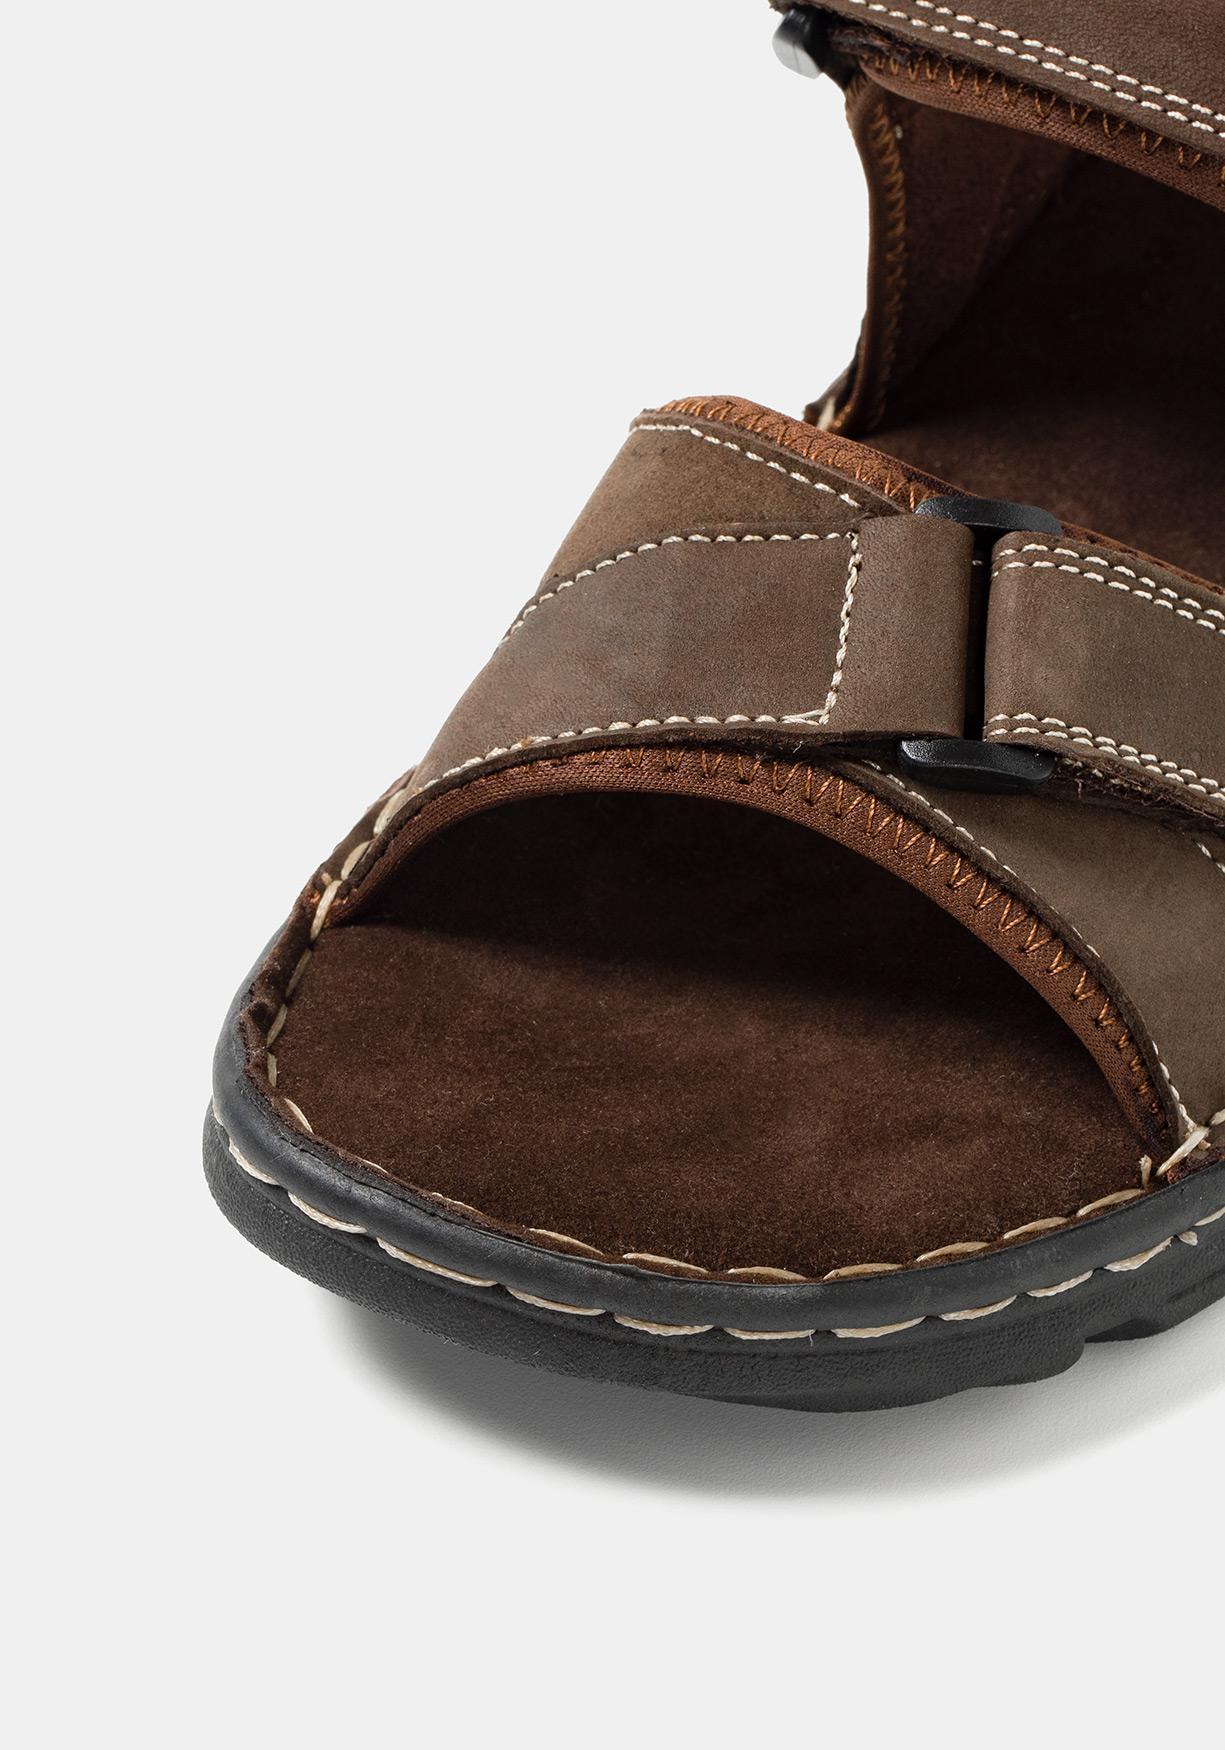 Sandalias Trekking Beppi¡aprovéchate Piel Comprar De mNwnOv08